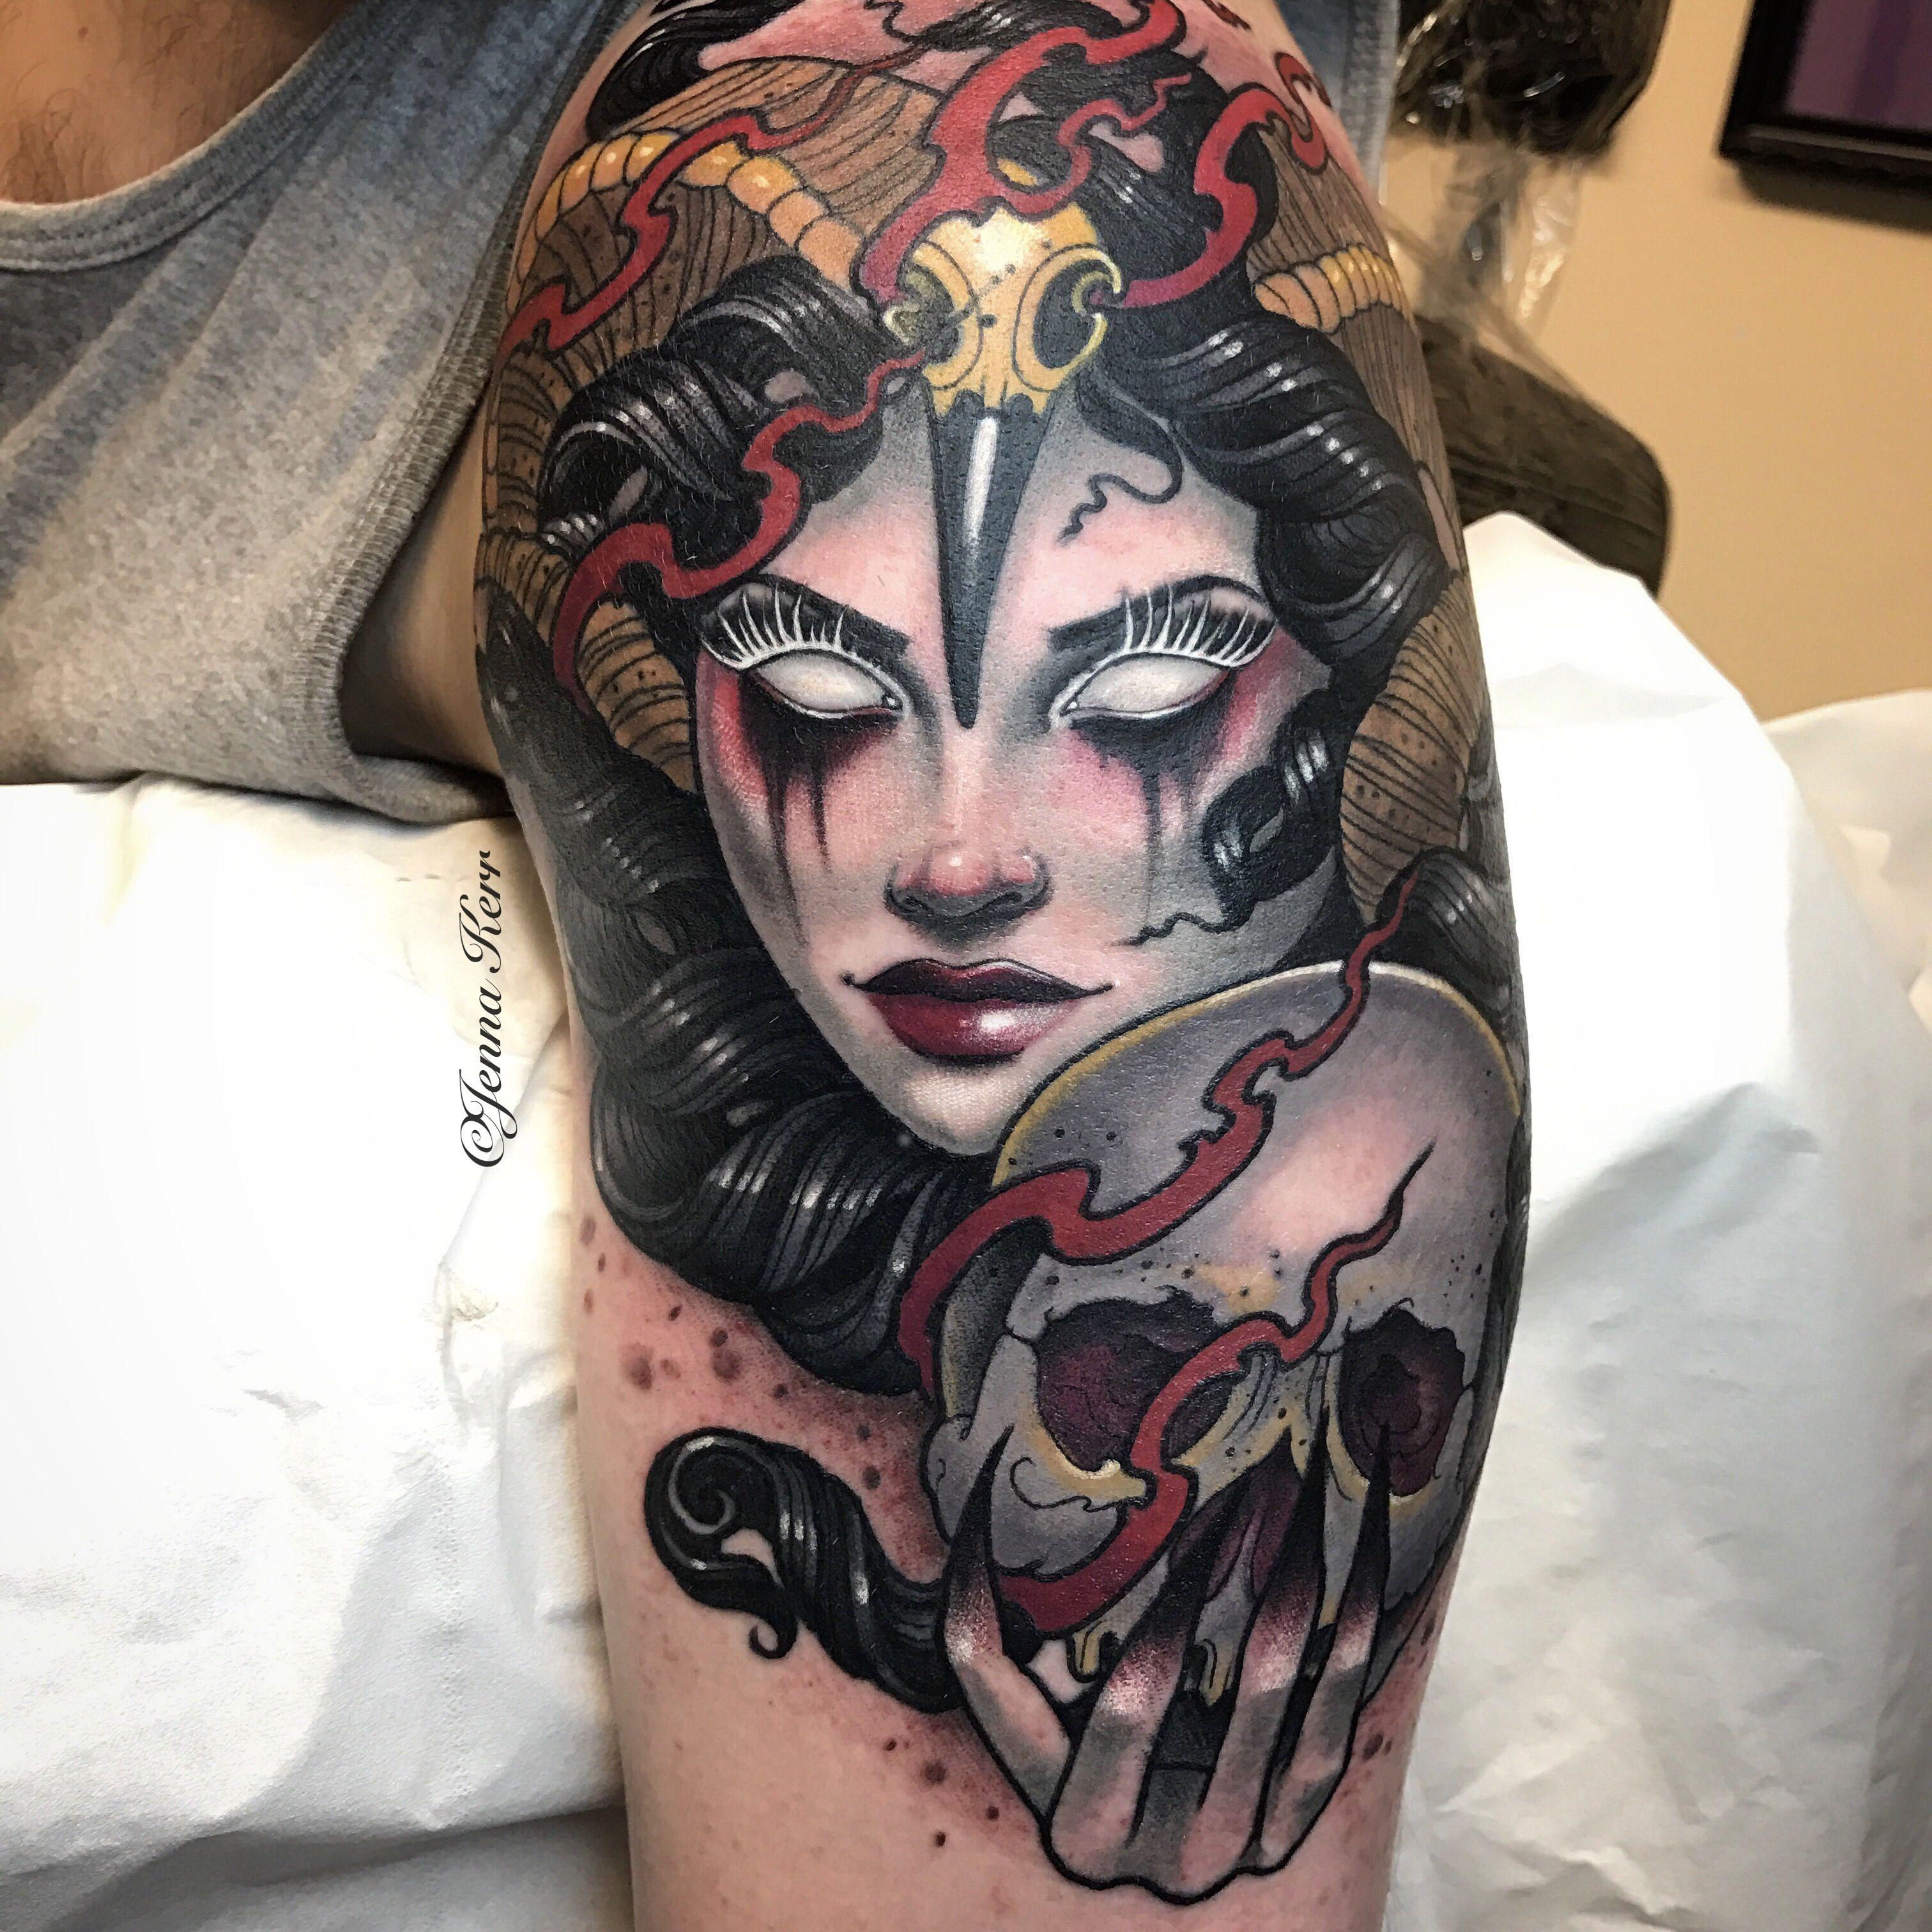 c6ca78ef5c015 Neotrad demon lady, done with #inkjecta and #oztattskincare #jennakerr